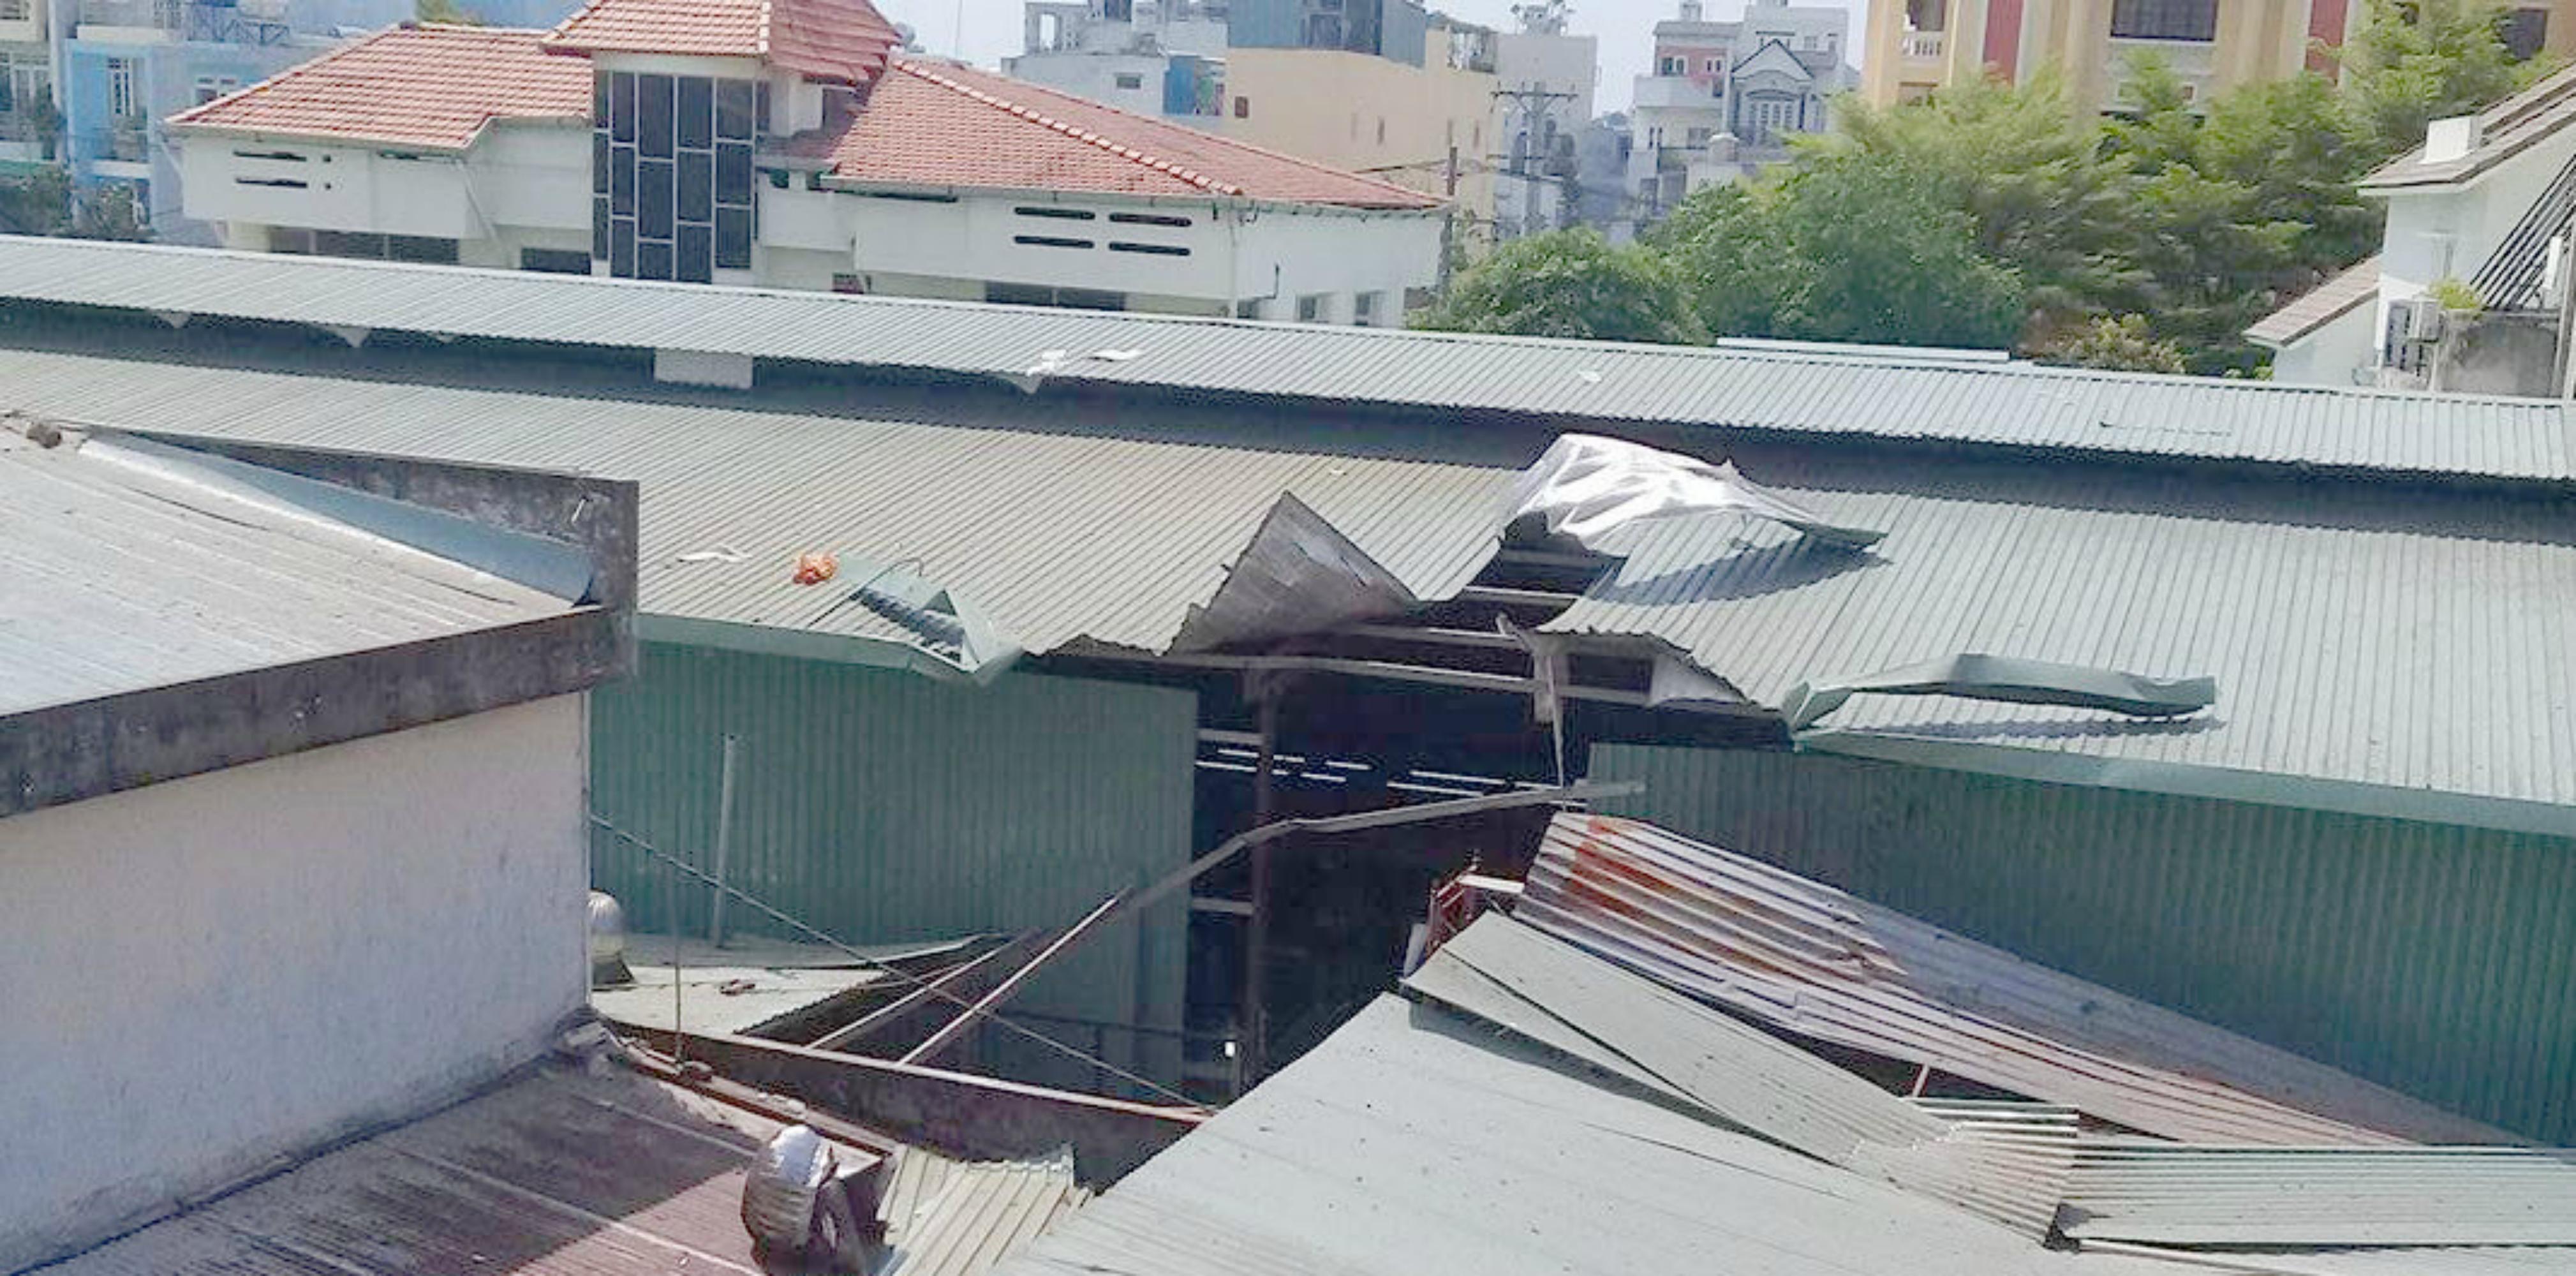 Hai vụ liên quan đến cháy nổ ở Sài GÒn, báo chí được lệnh hạn chế đưa tin